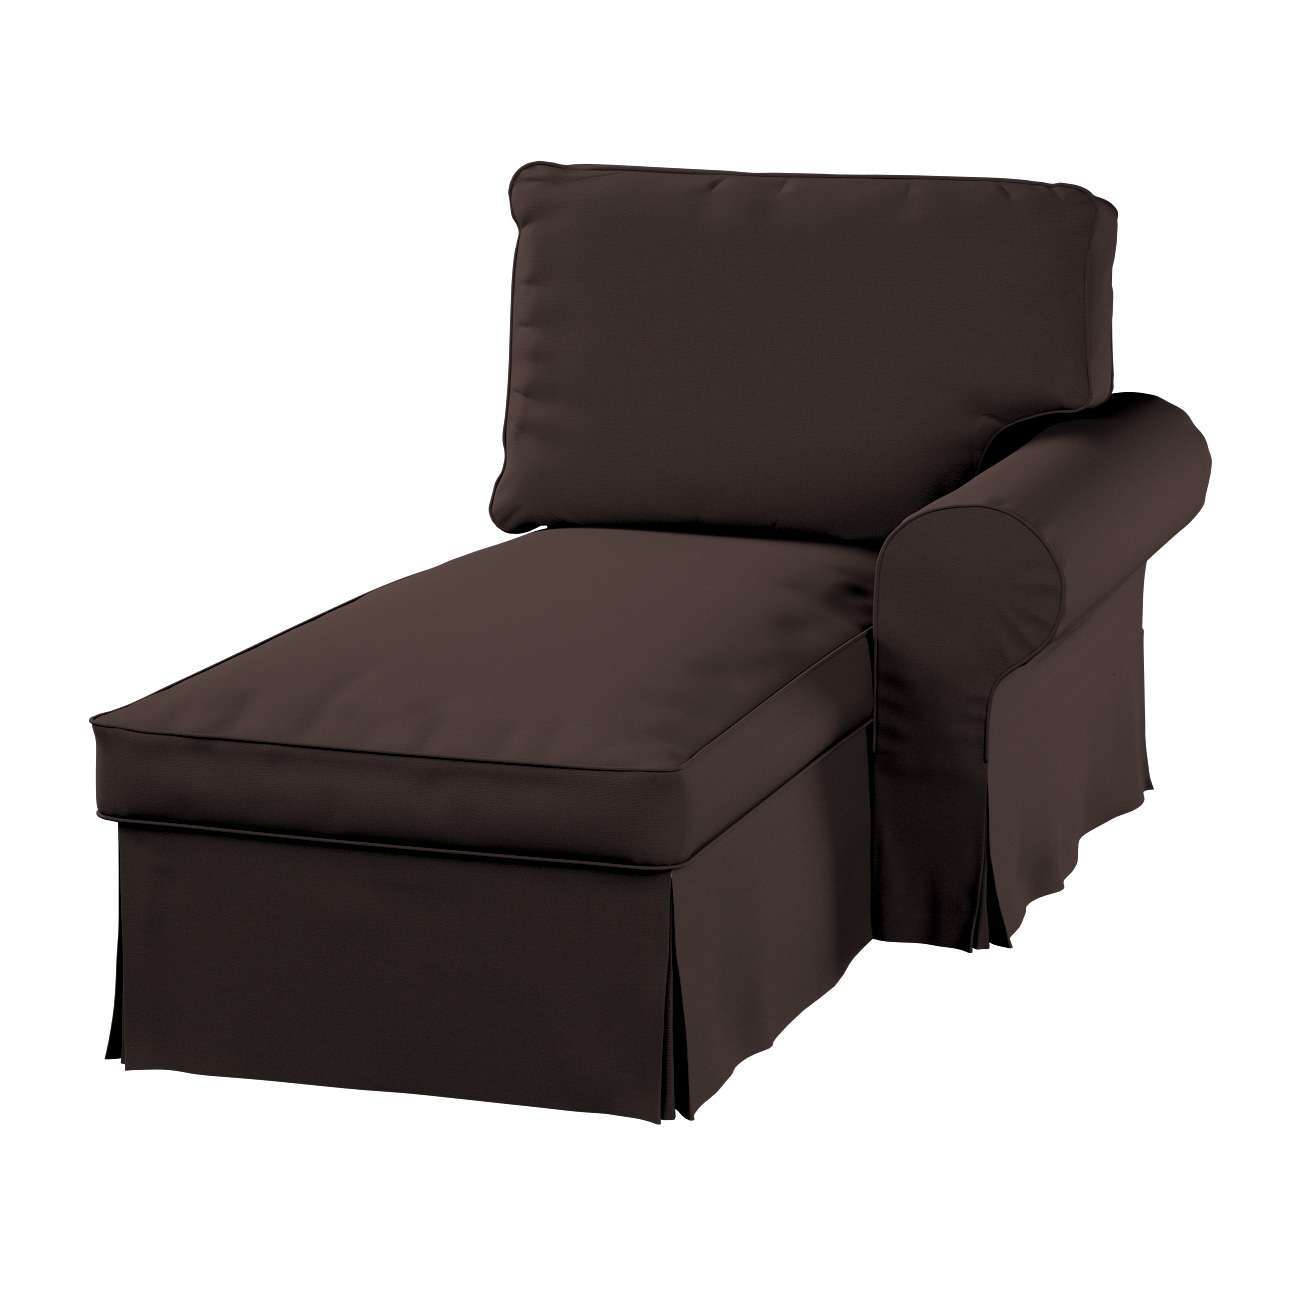 Ektorp gulimajo krėslo užvalkalas  (su porankiu, dešiniojo) Ektorp gulimojo krėslo užvalkalas su porankiu (dešiniojo) kolekcijoje Cotton Panama, audinys: 702-03